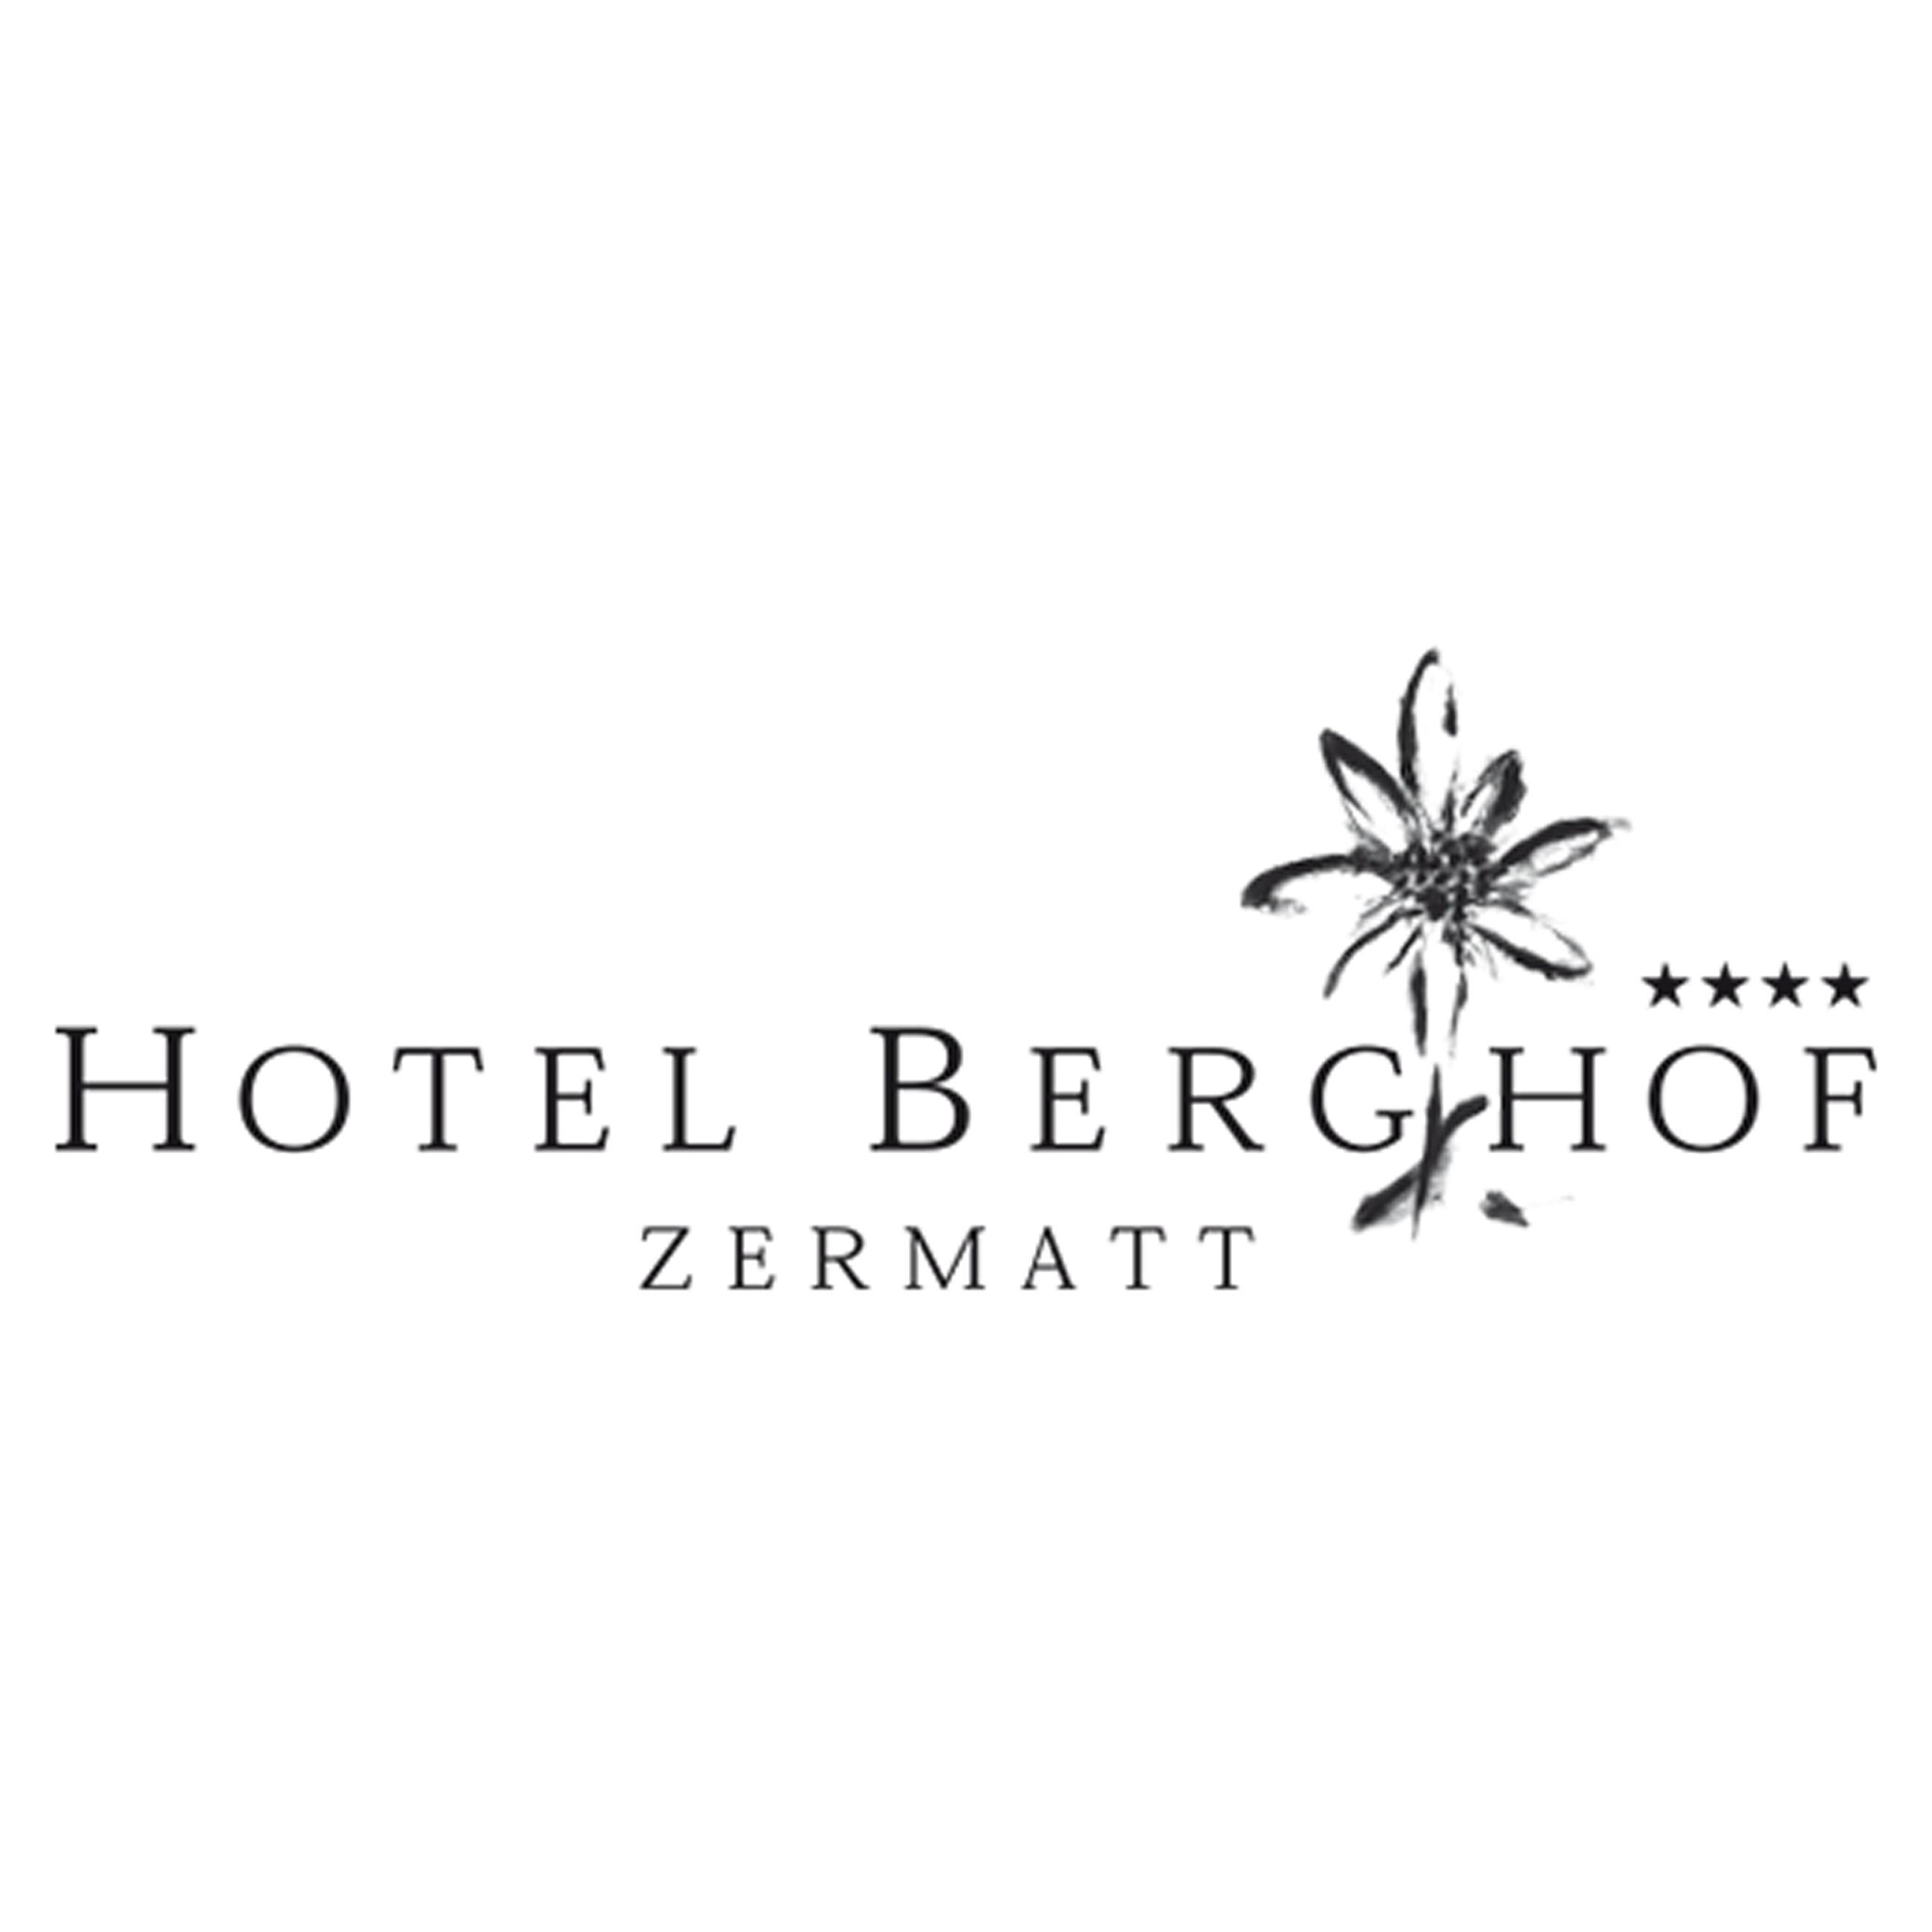 Hotel Berghof Zermatt